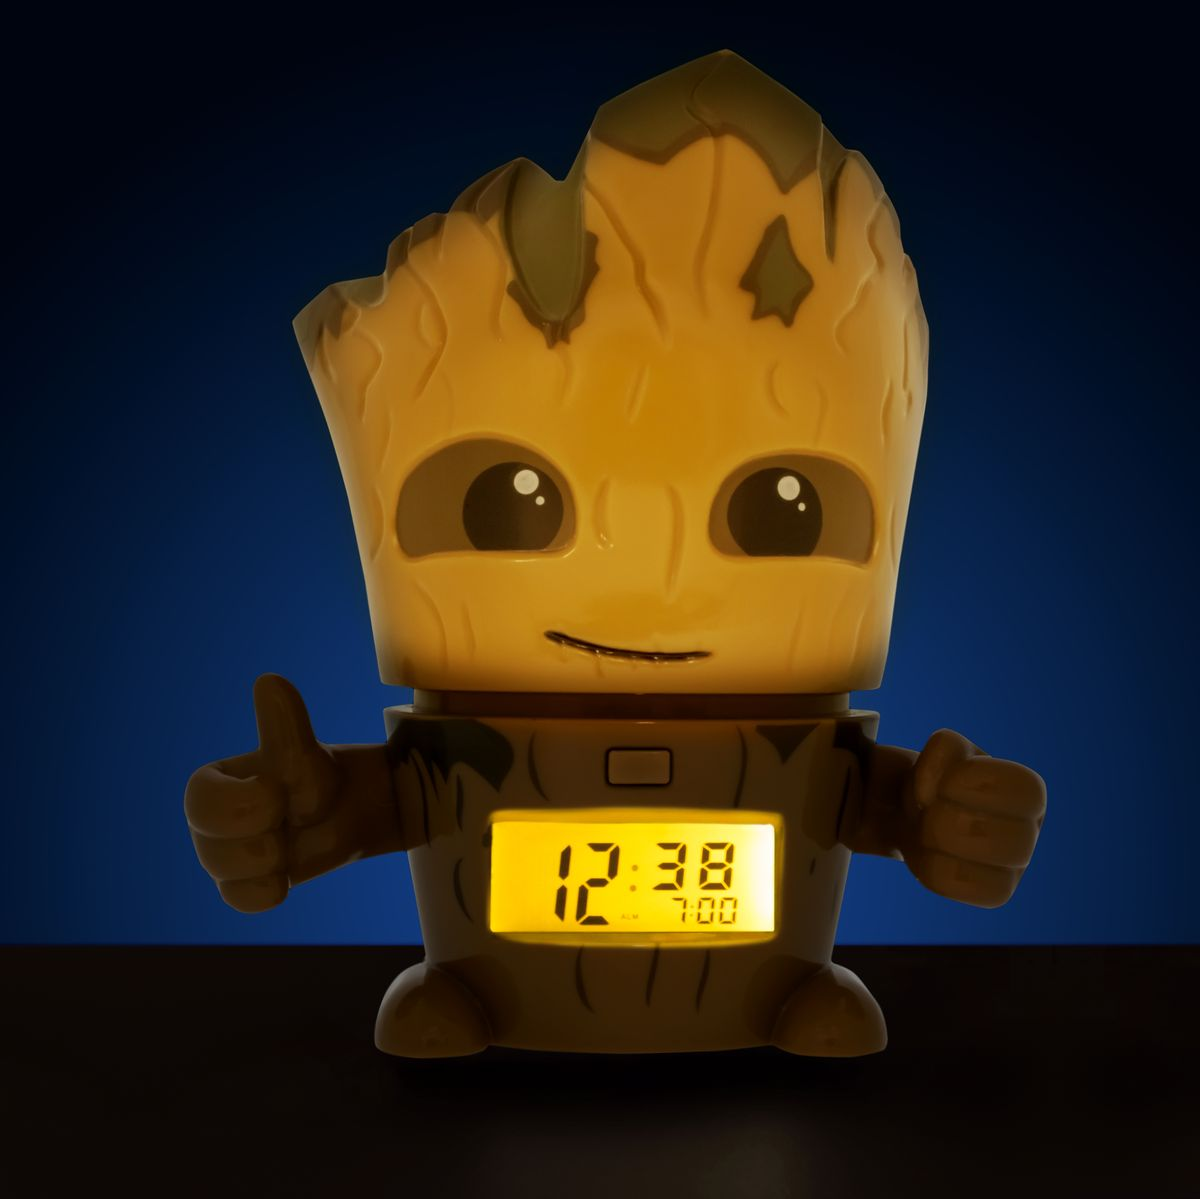 Marvel Guardians of the Galaxy Vol. 2 Будильник BulbBotz Groot - Радиобудильники и проекционные часы